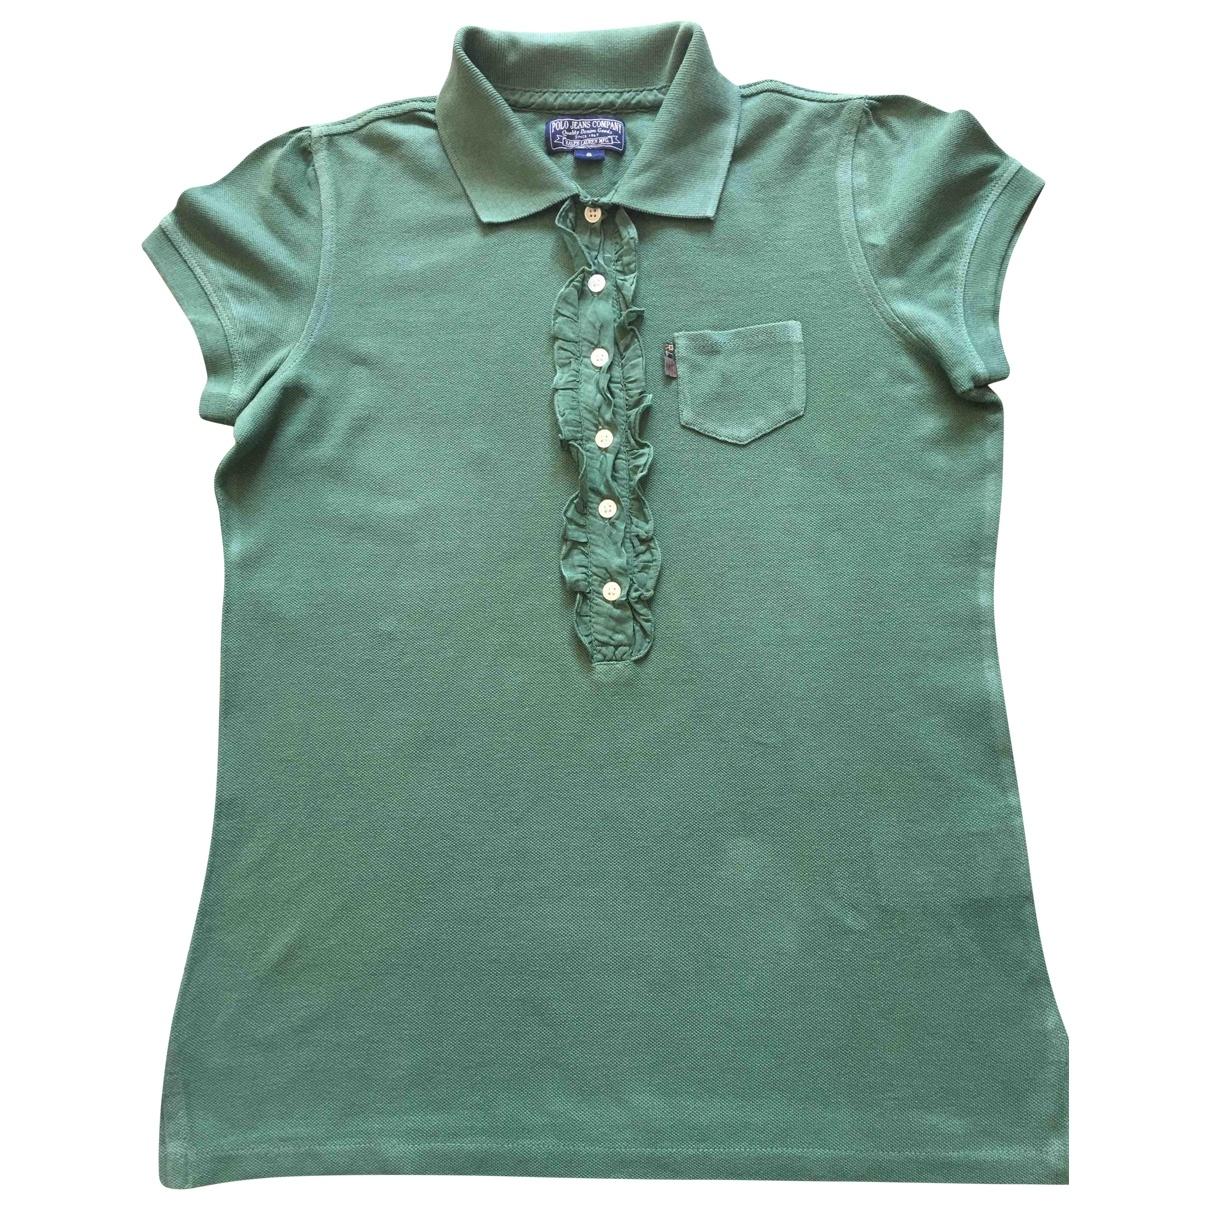 Polo Ralph Lauren \N Green Cotton  top for Women S International